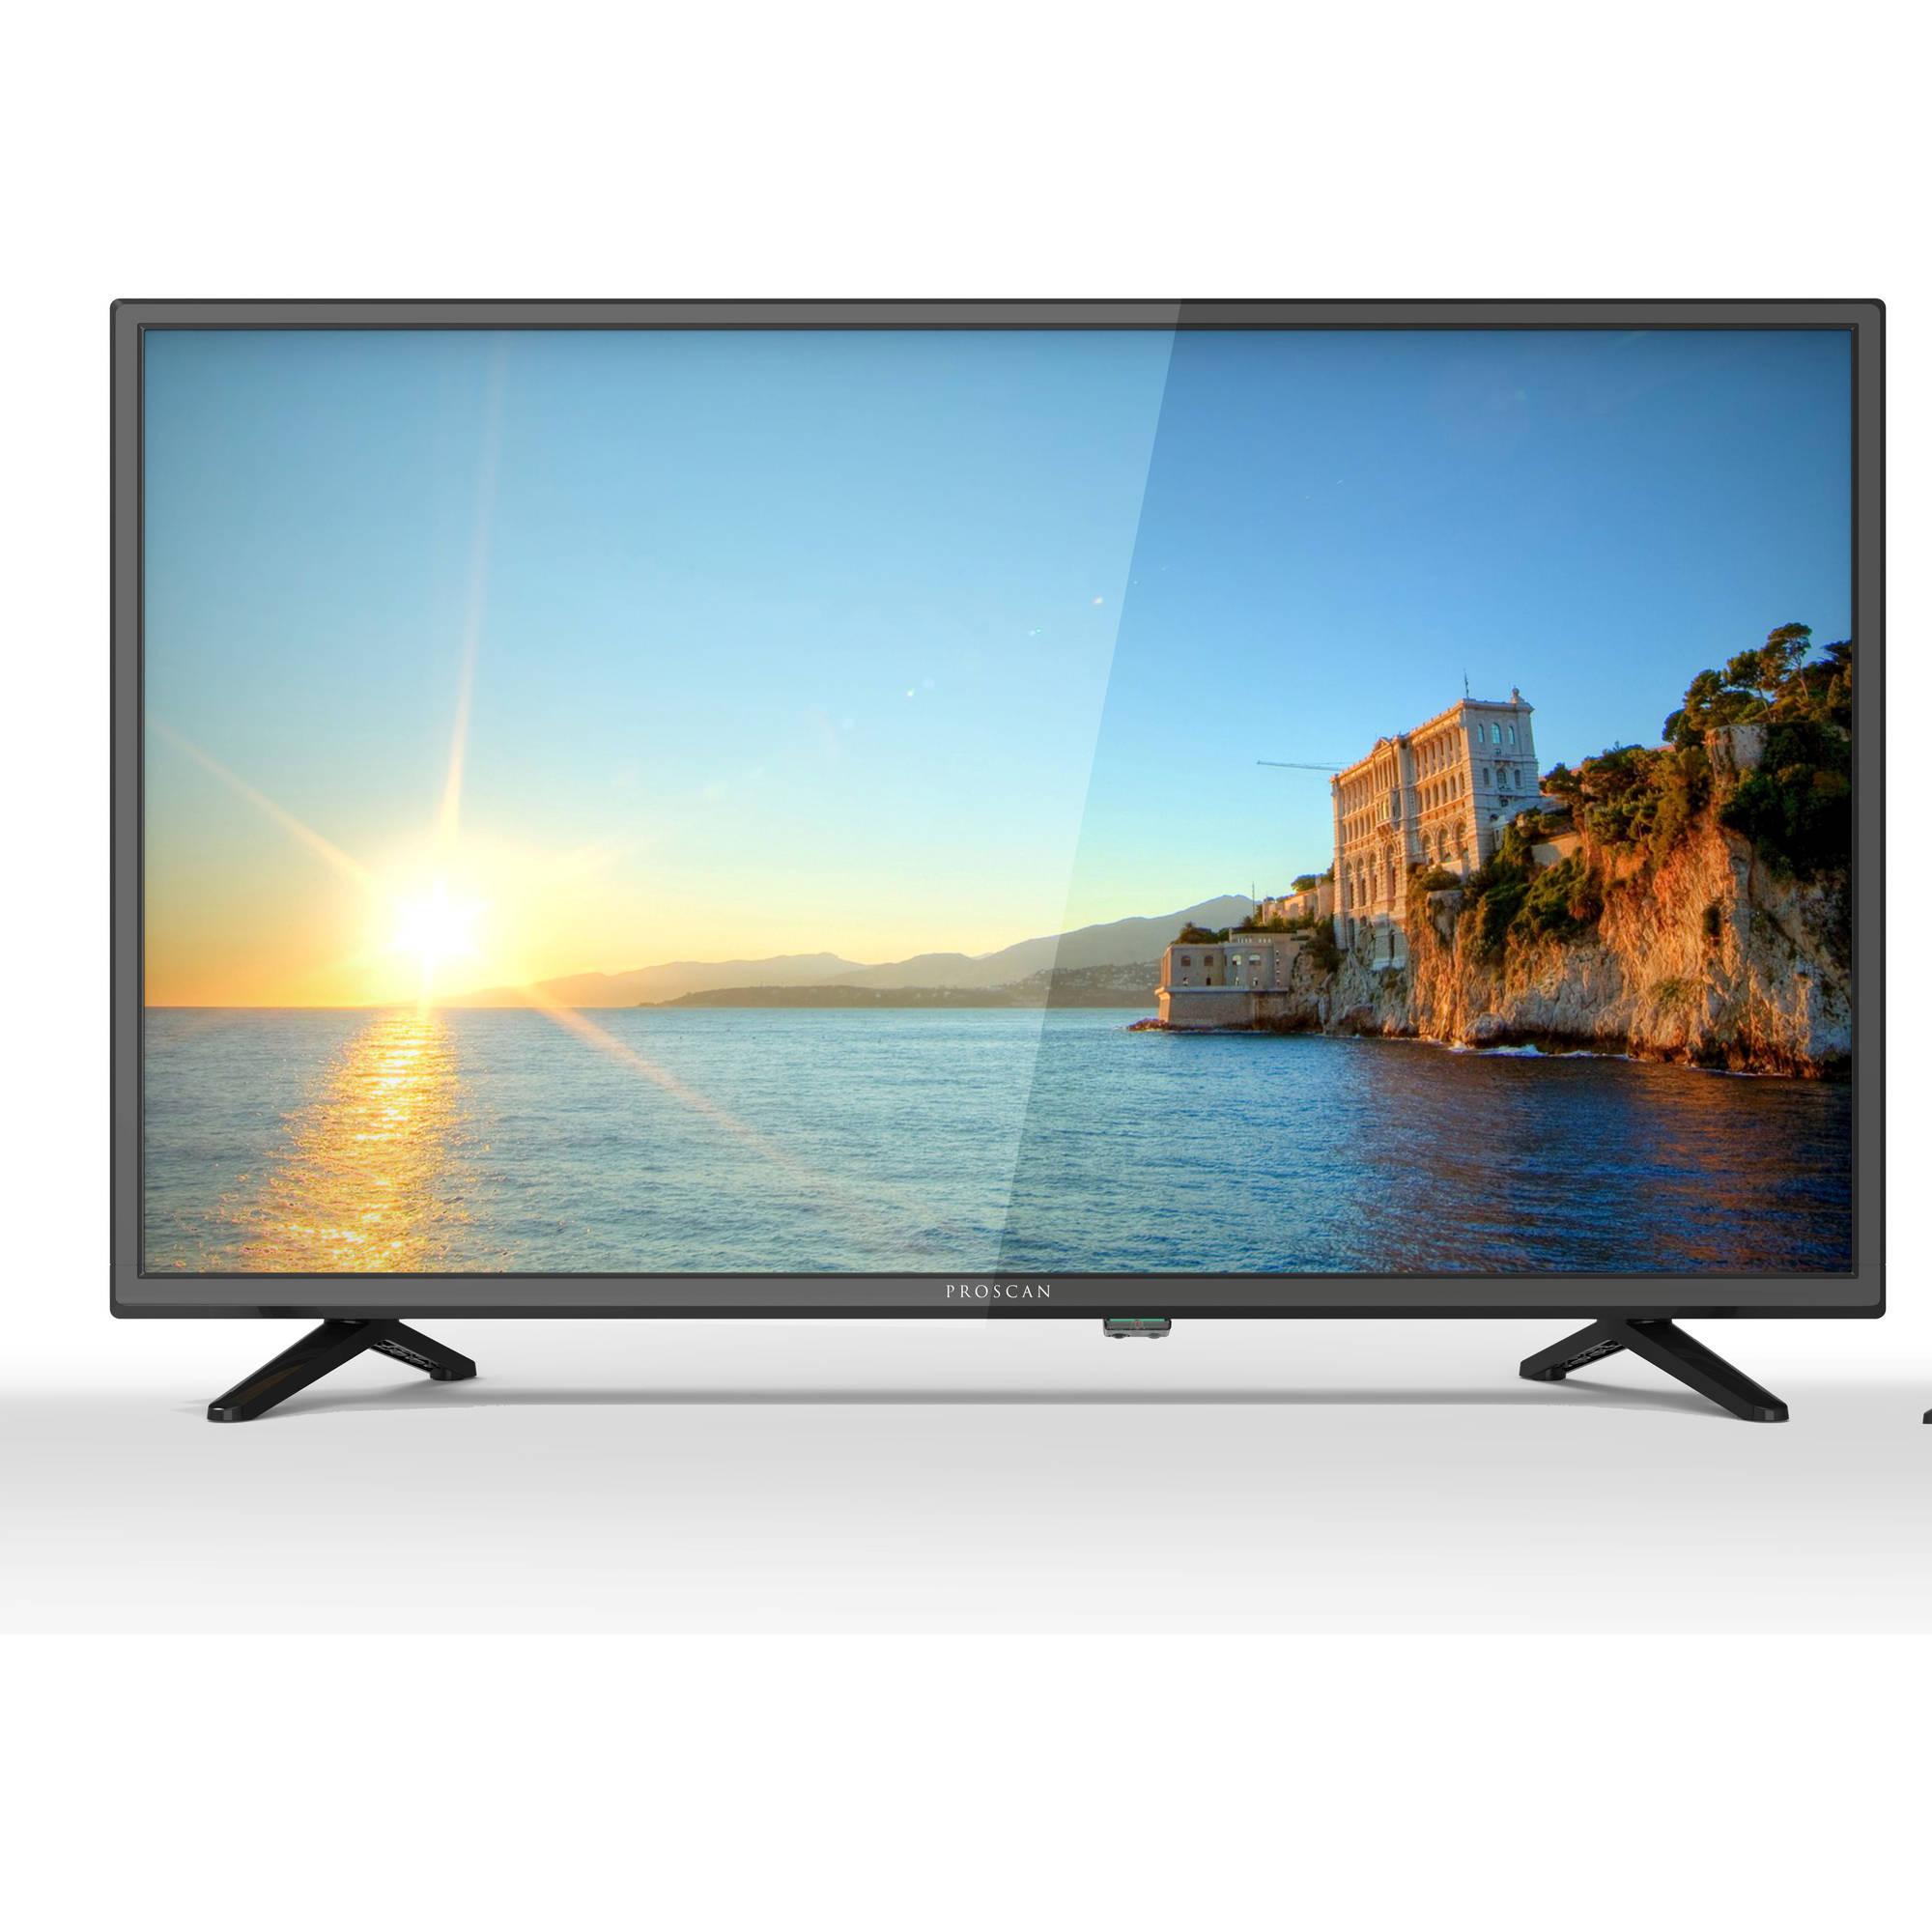 """ProScan PLDED3996A 39"""" 720p LED-LCD HDTV"""